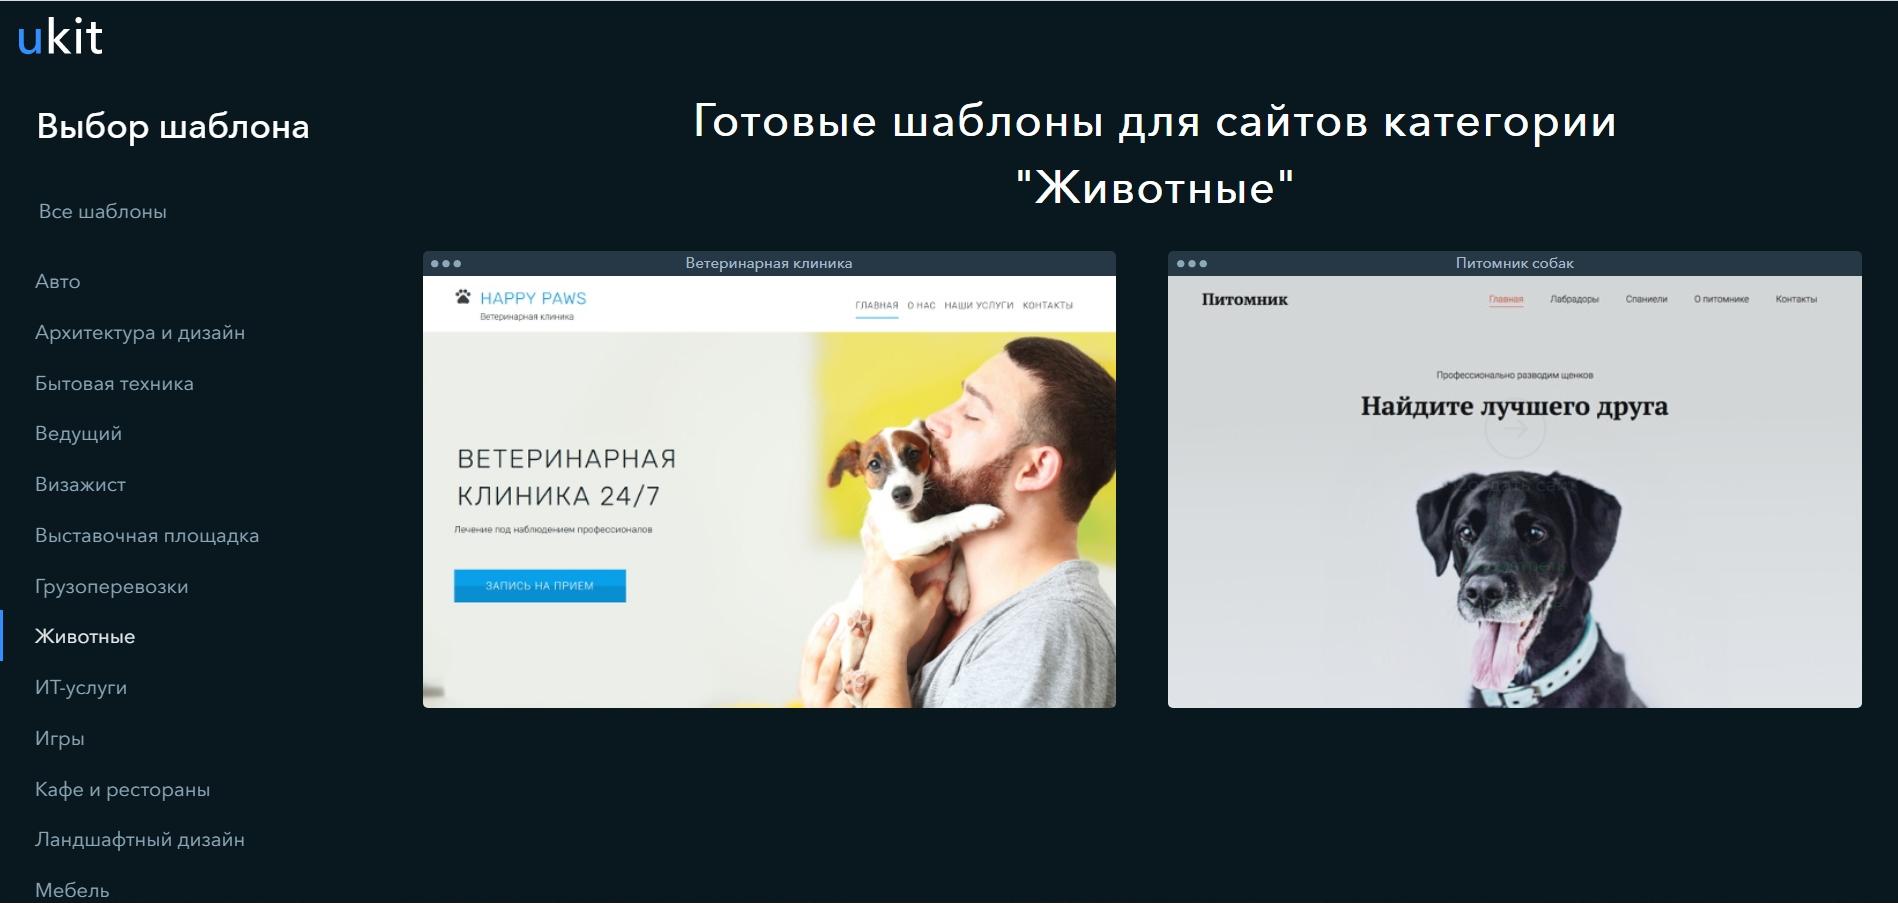 Шаблоны сайтов в конструкторе uKit